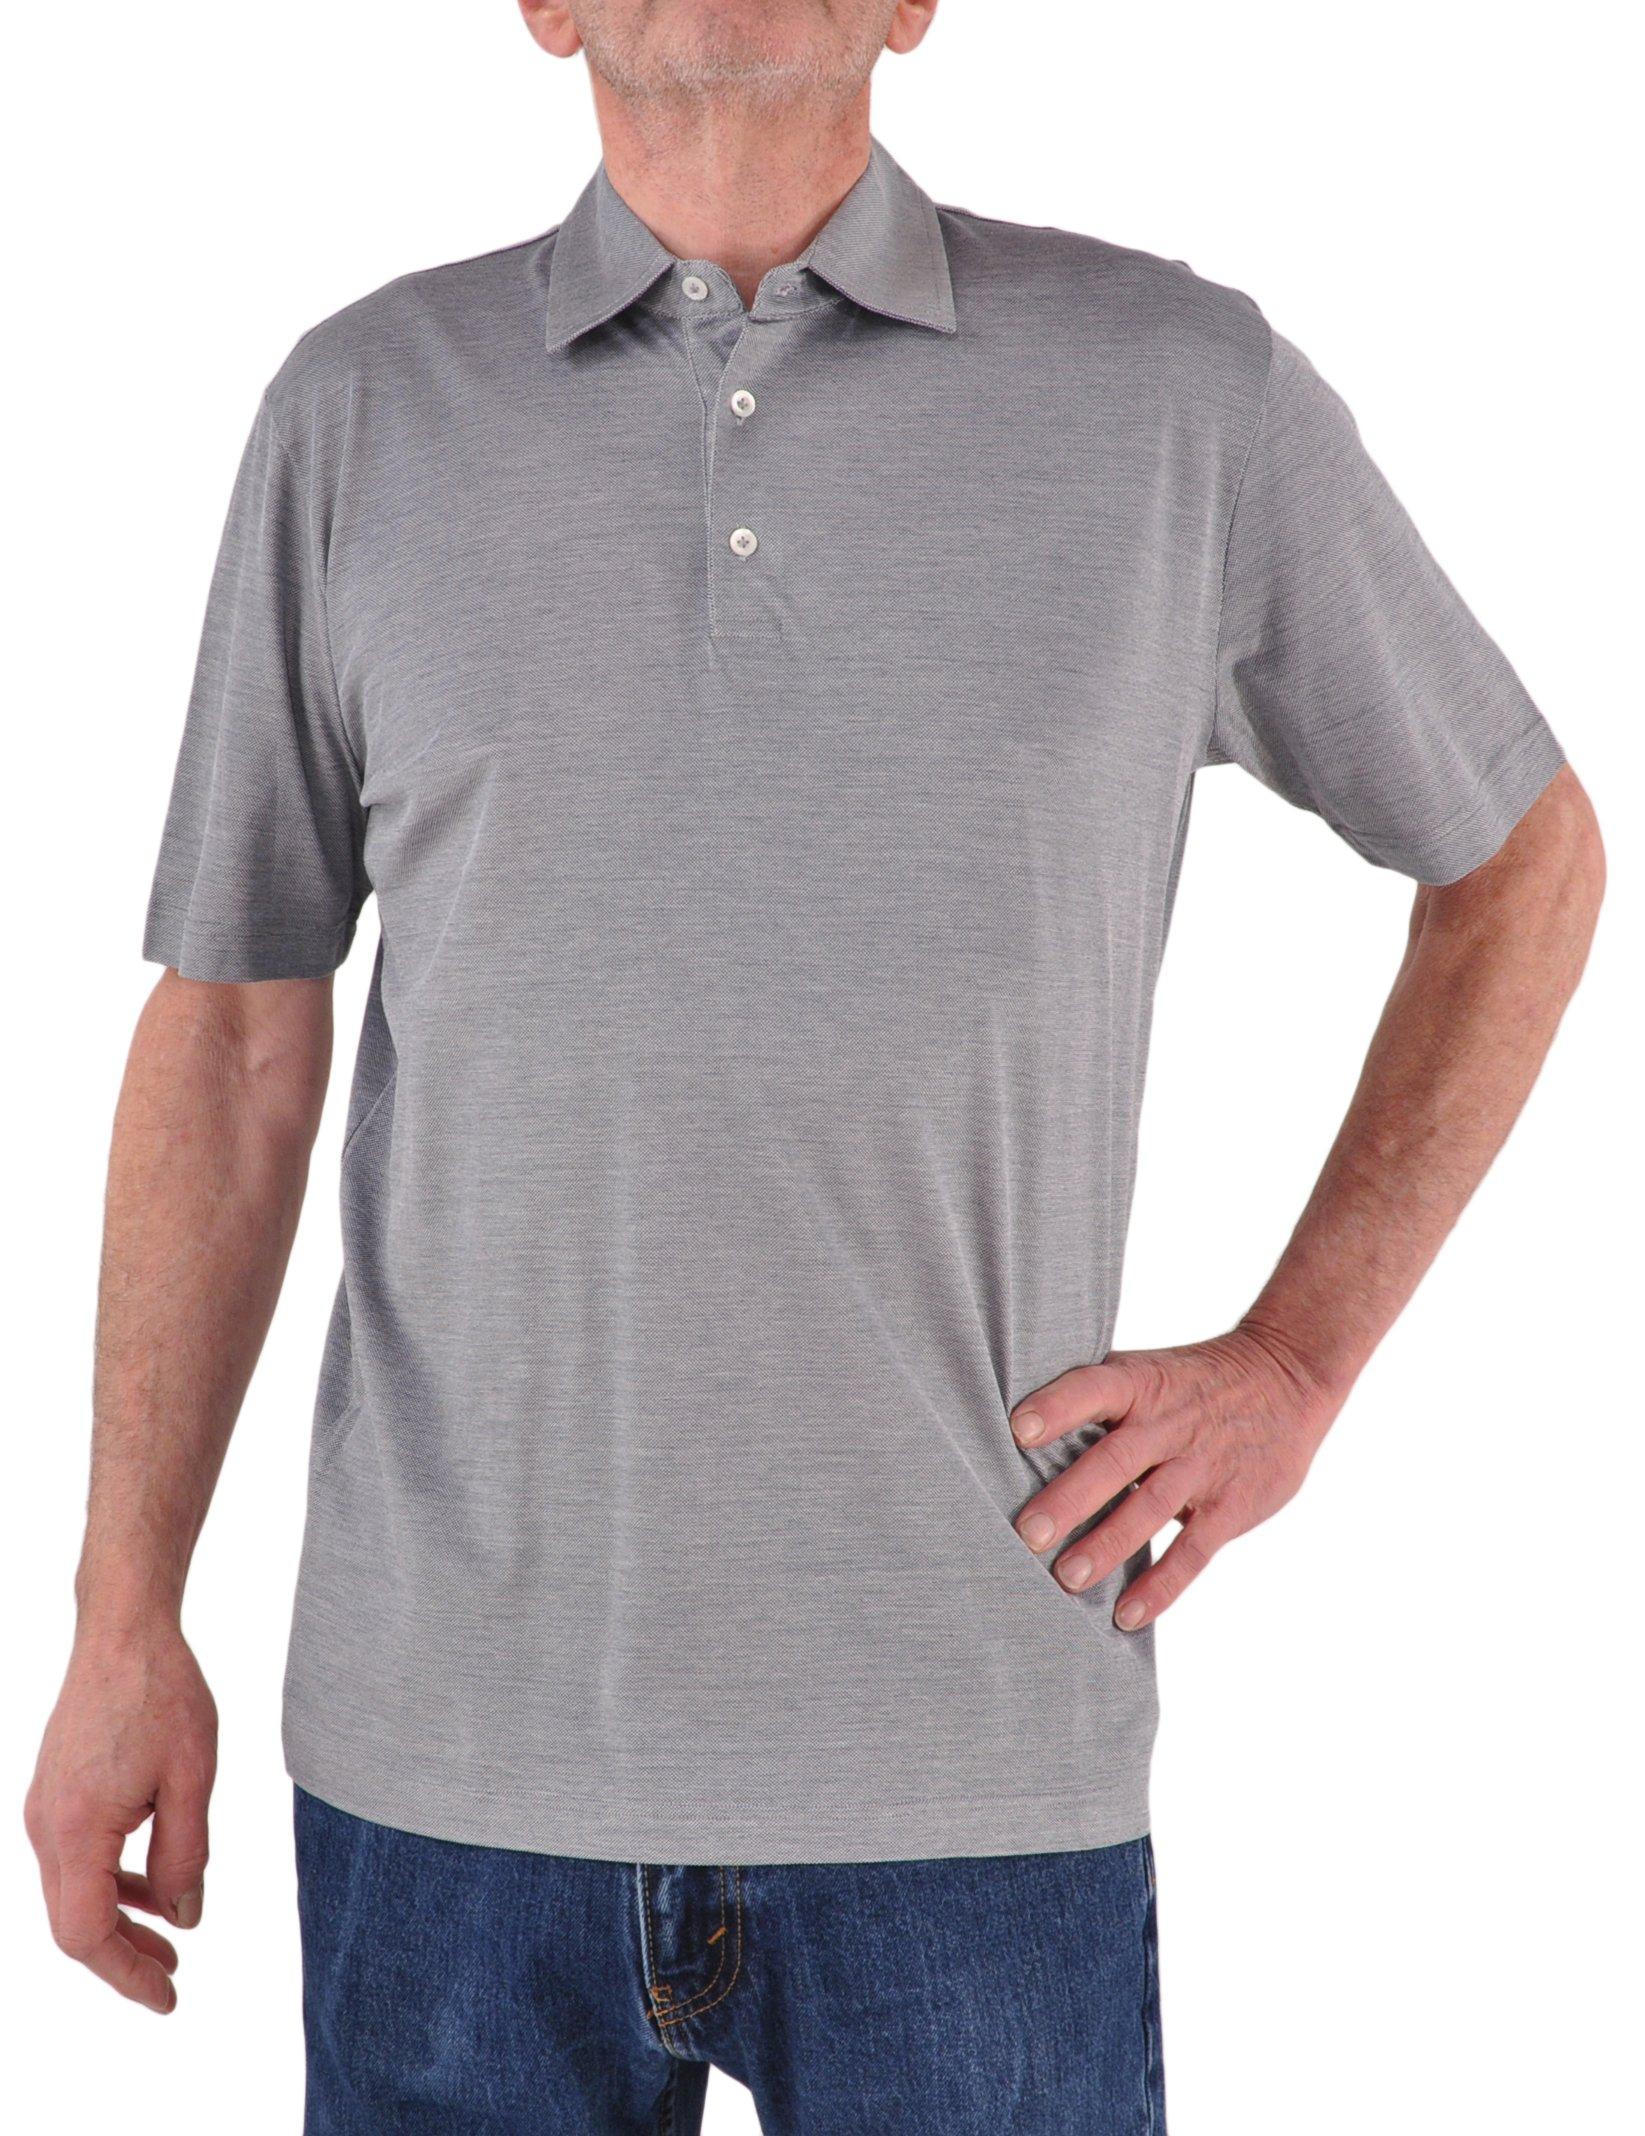 Zimmerli of Switzerland Exclusive Cotton & Silk Polo Shirt - Summer Navy XXX-Large